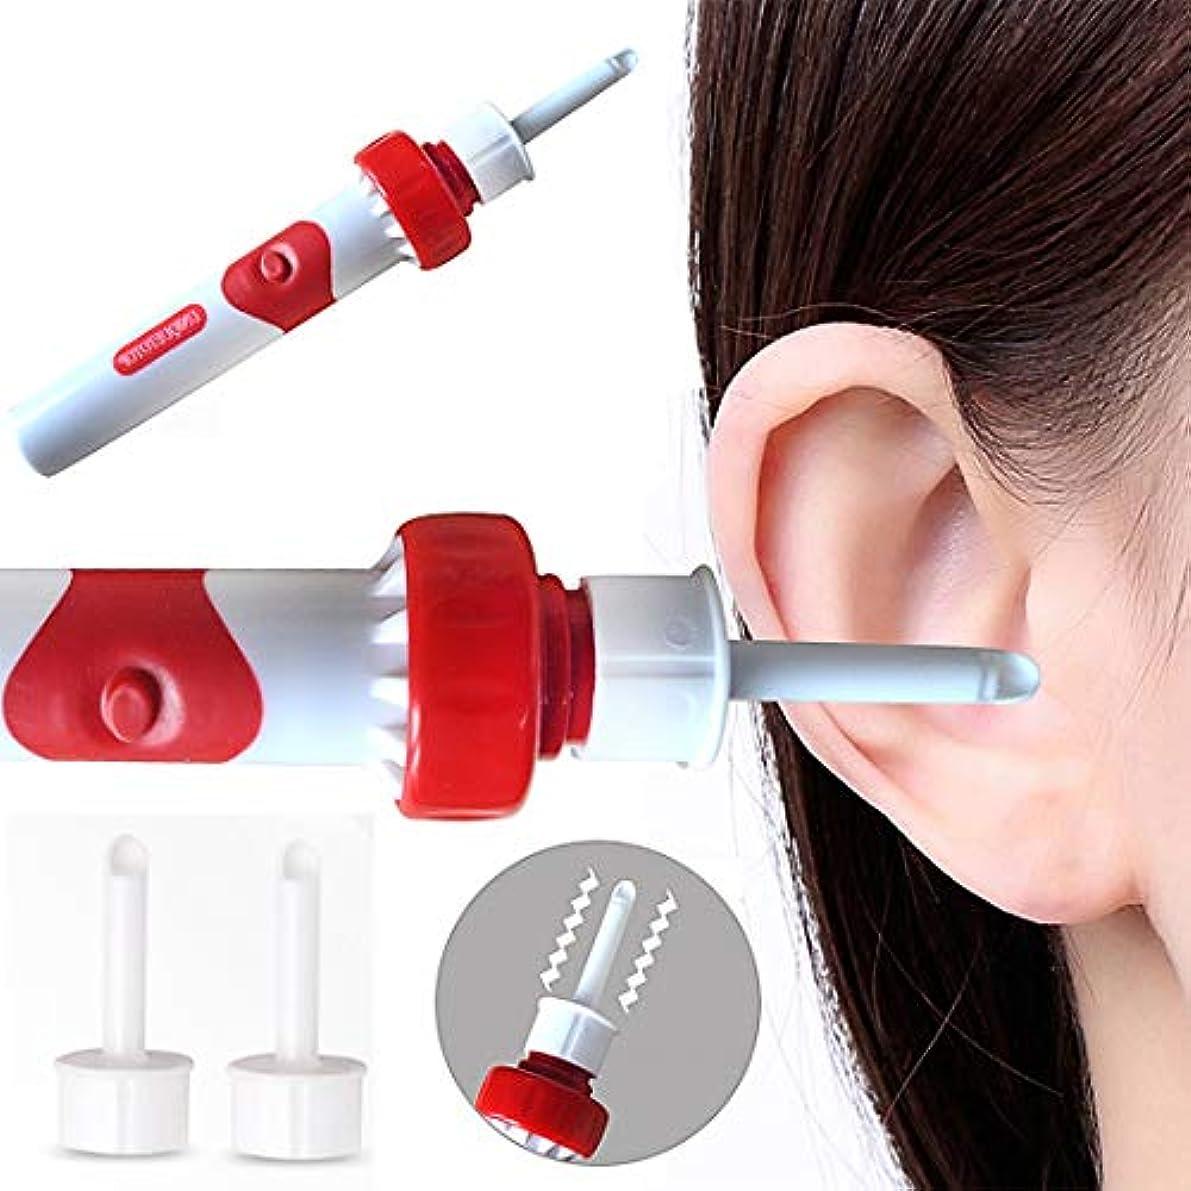 槍衝突メタリック耳かき 耳すっきりクリーナー 耳のお掃除 耳のケア 耳かき ポケットイヤークリーナー